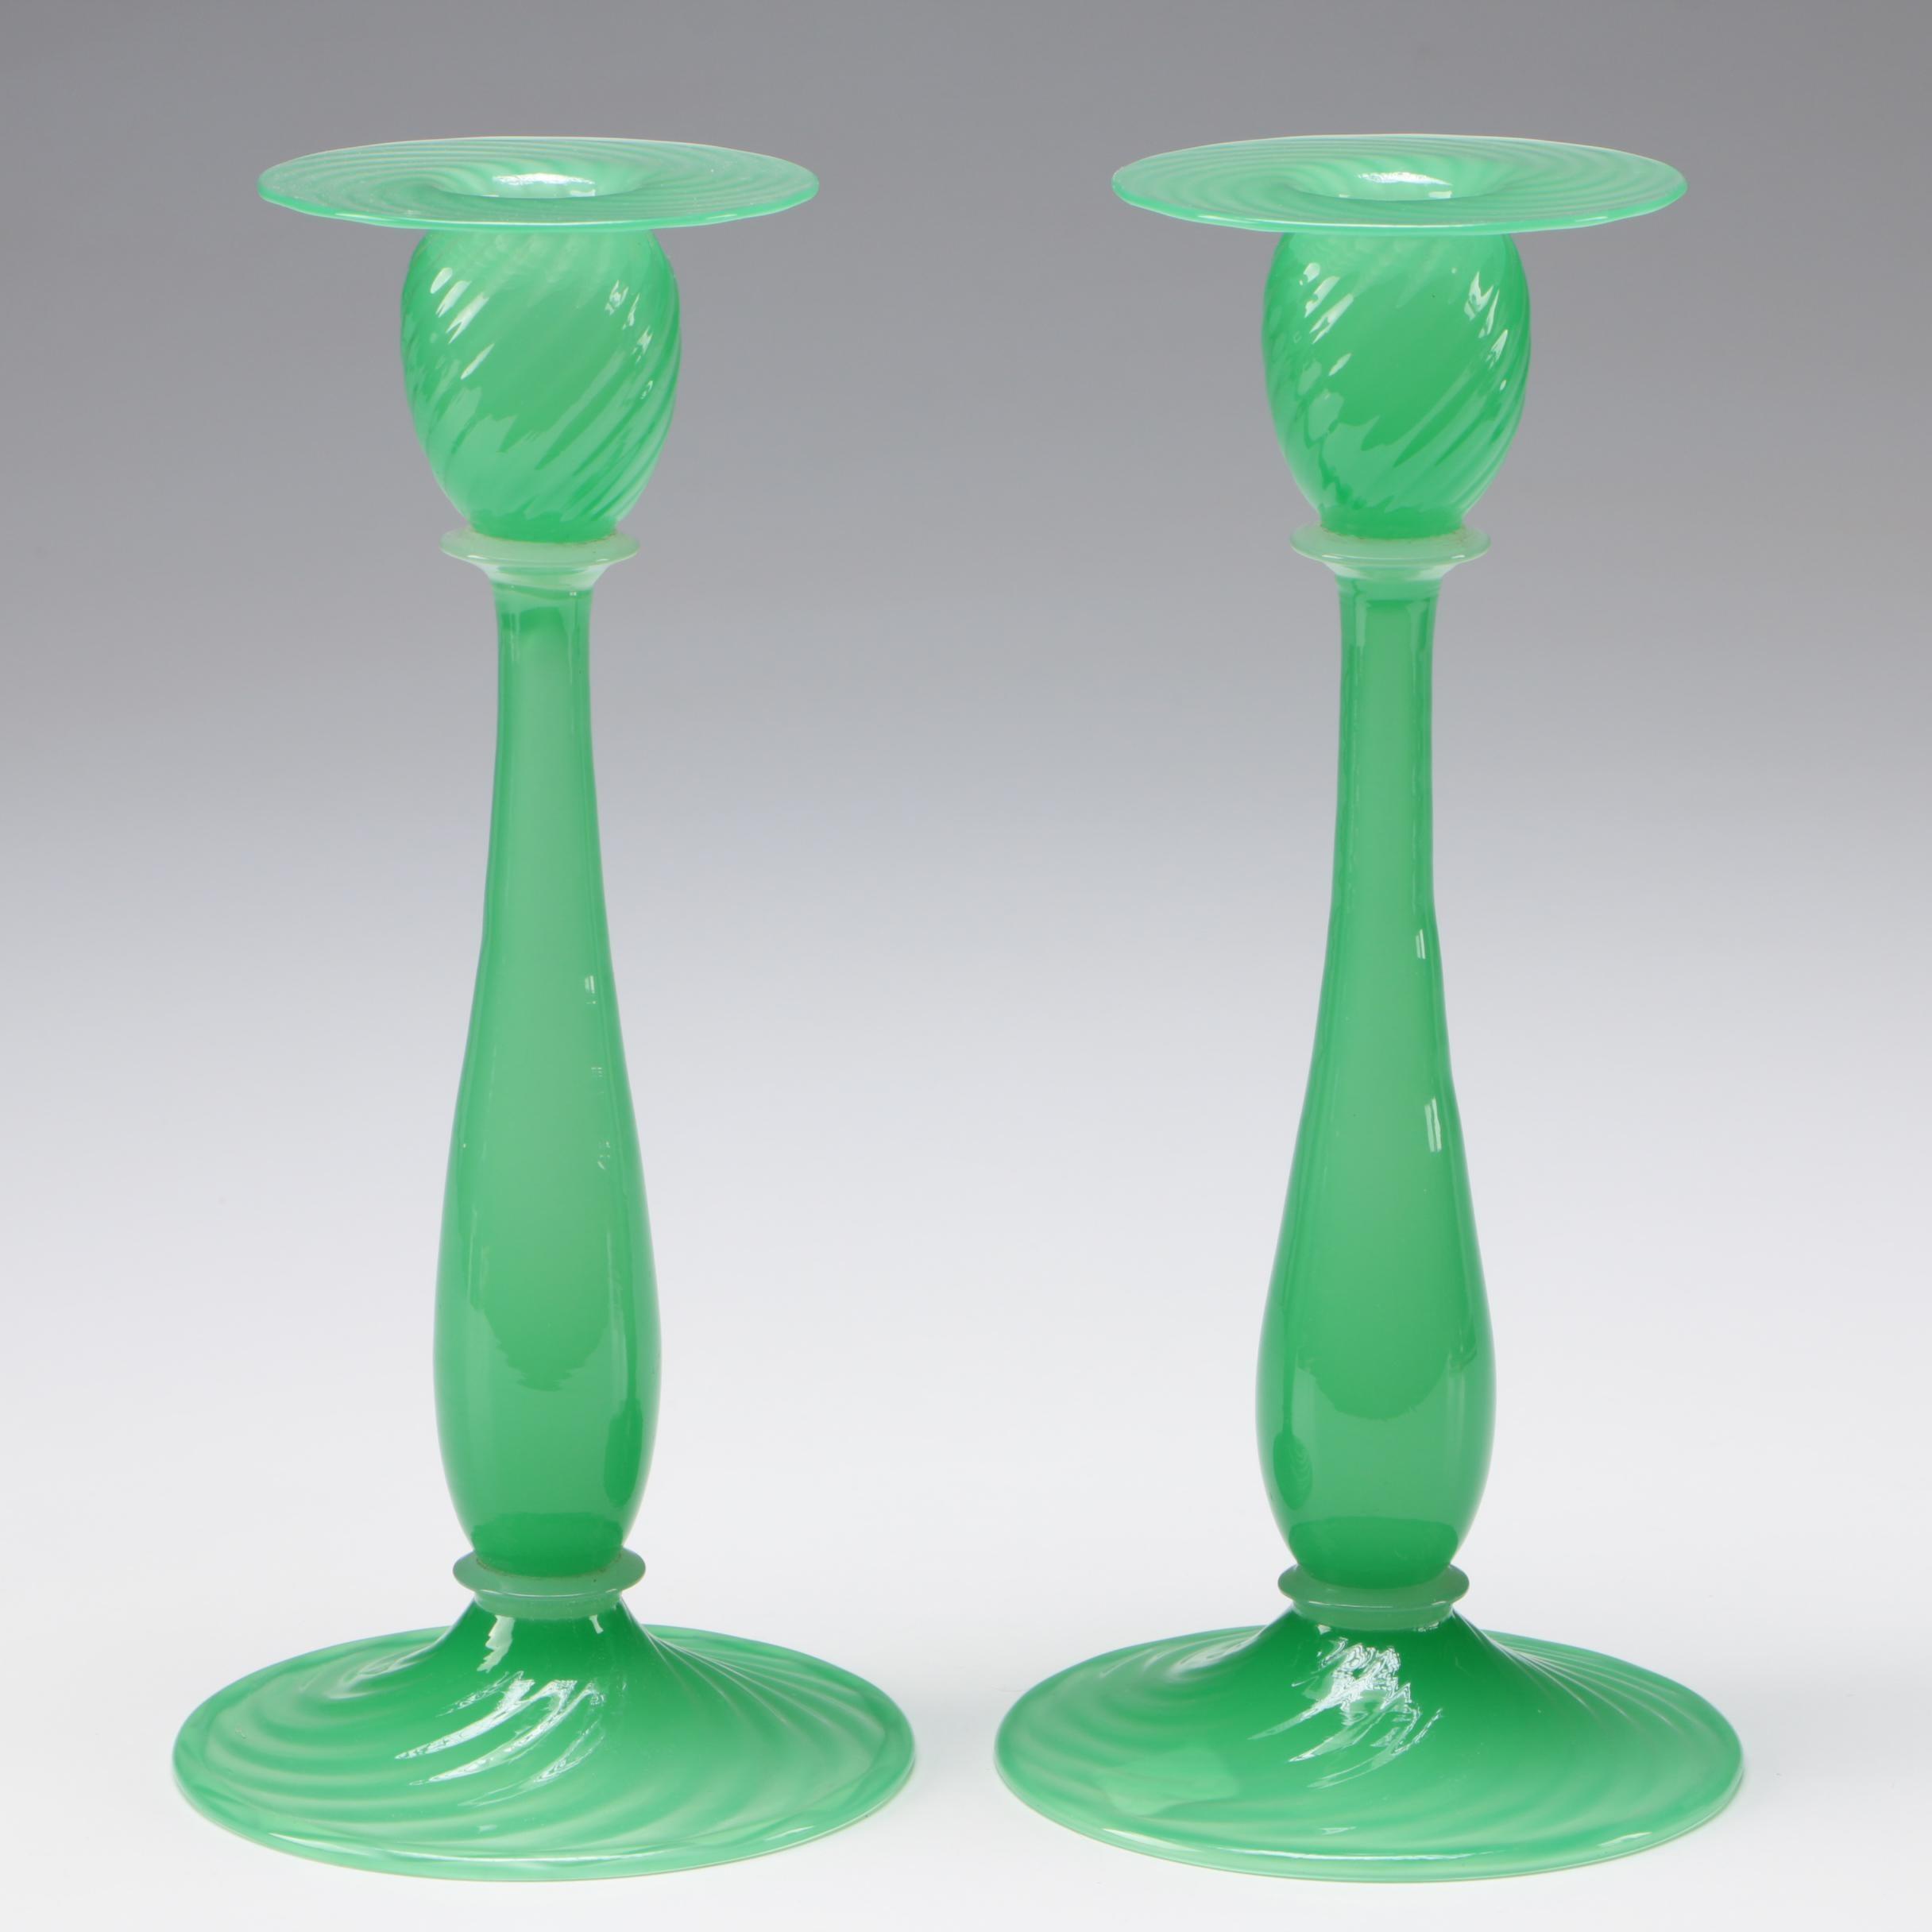 Steuben Art Glass Green Jade Candlesticks, Early 20th Century